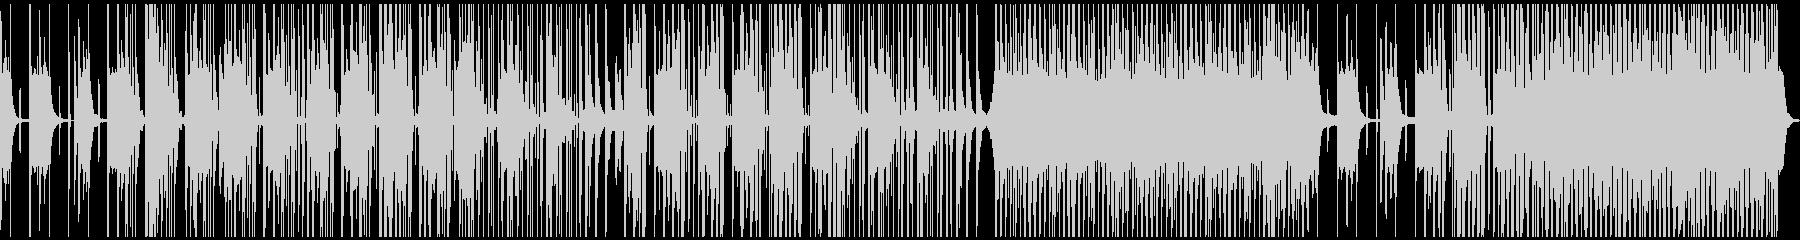 ポップ テクノ ドラム & ベース...の未再生の波形